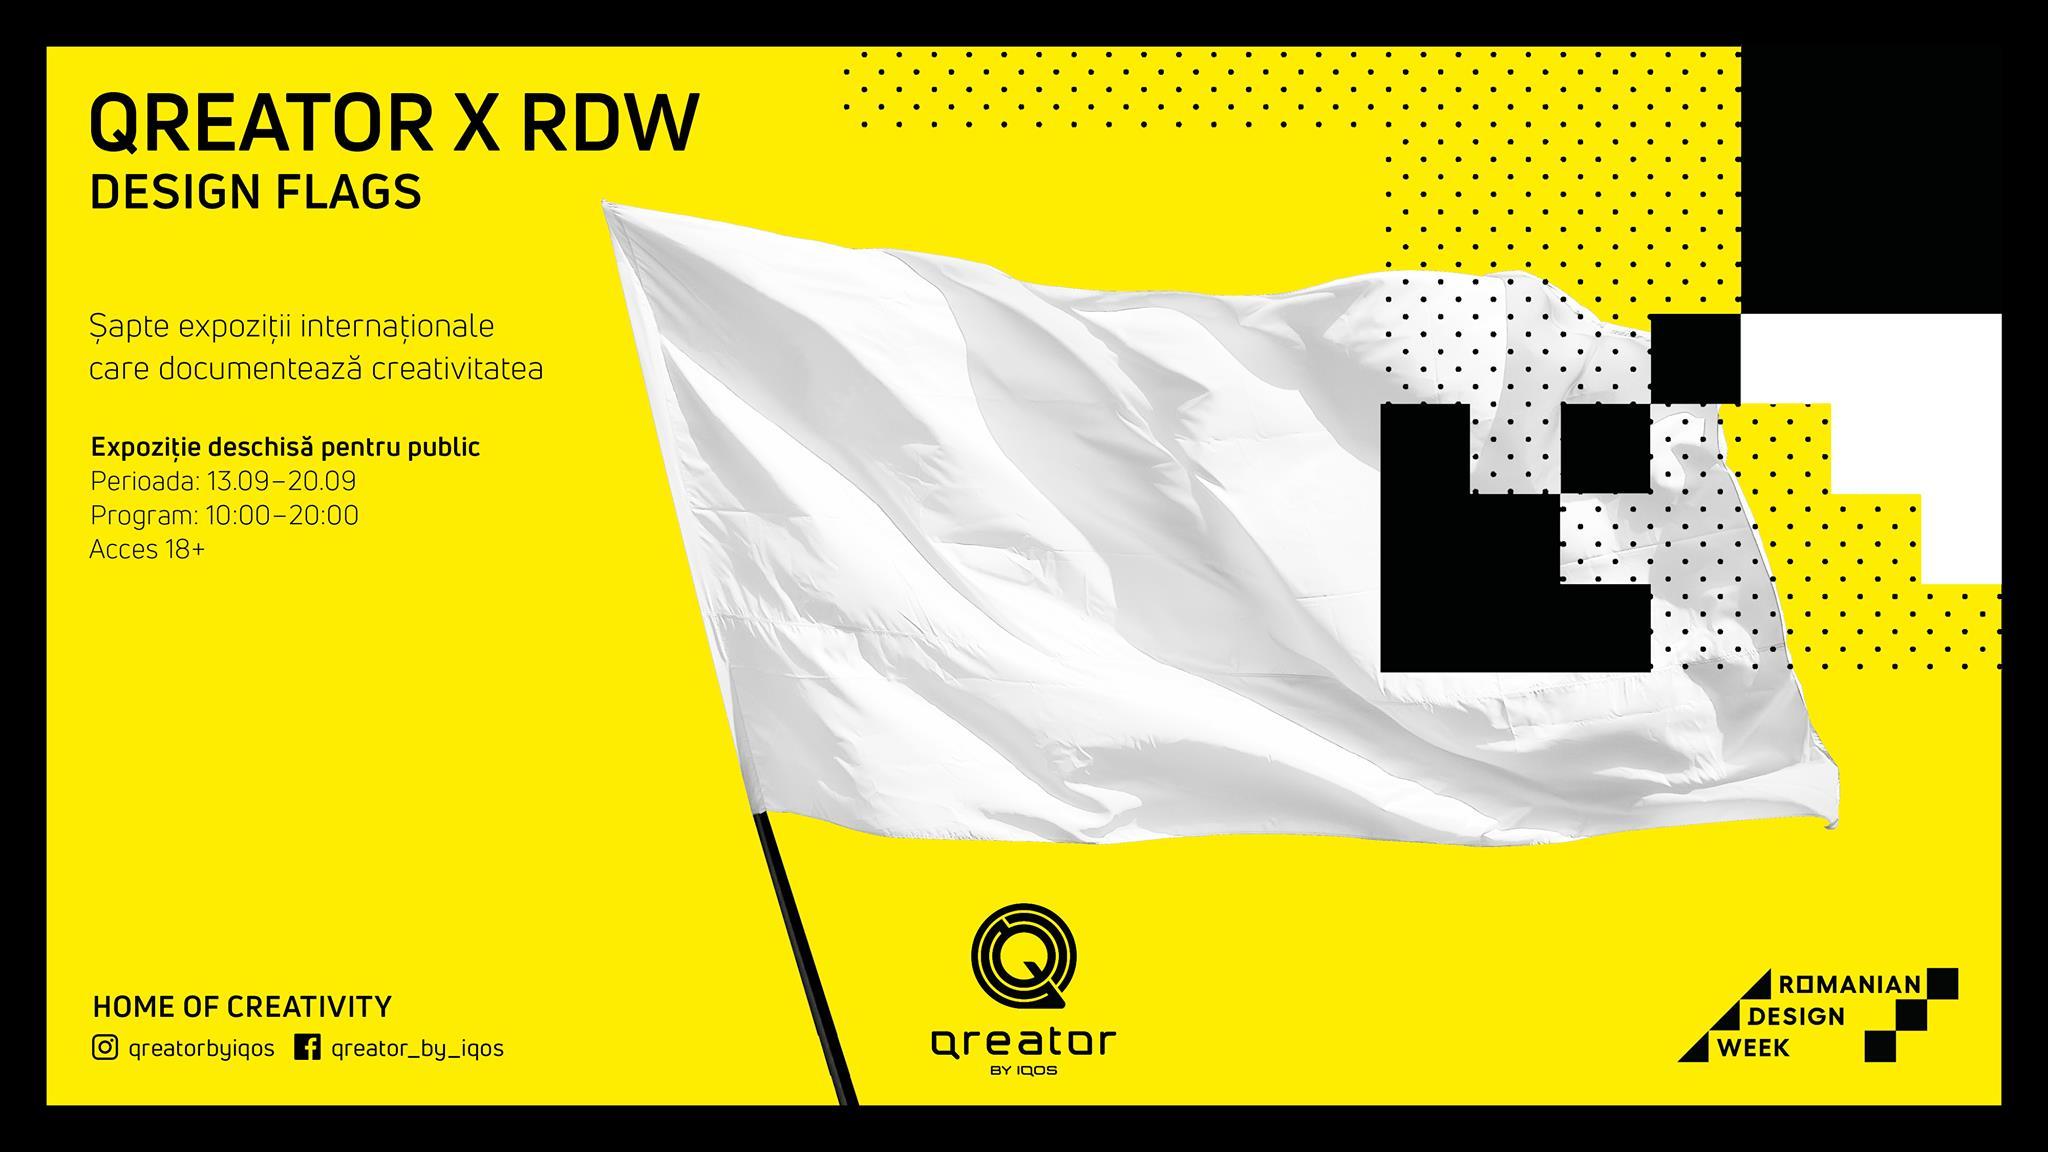 Design Flags   Romanian Design Week